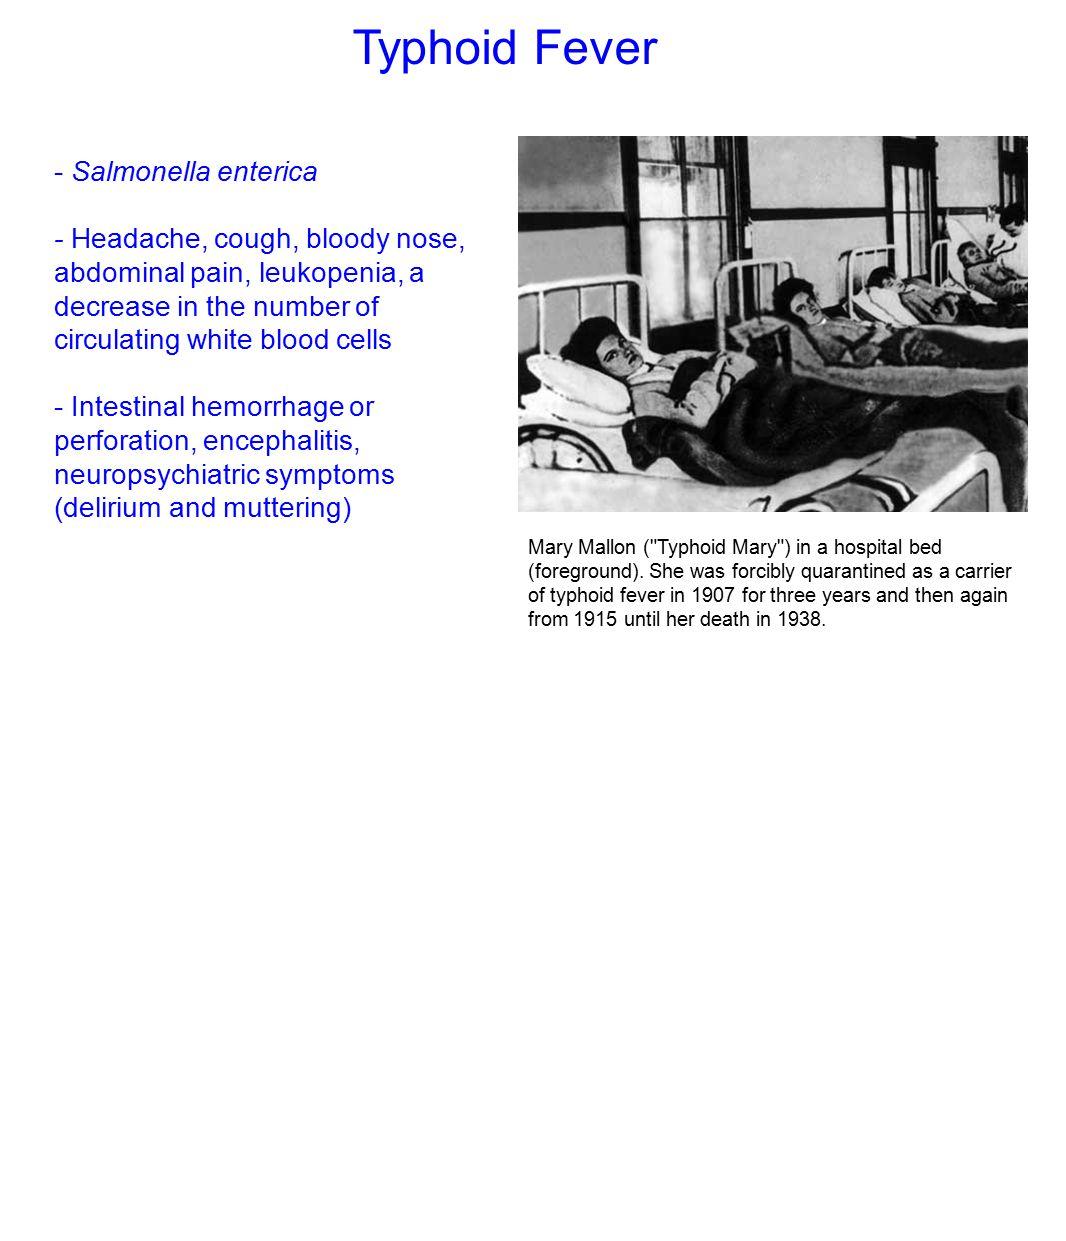 Typhoid Fever - Salmonella enterica